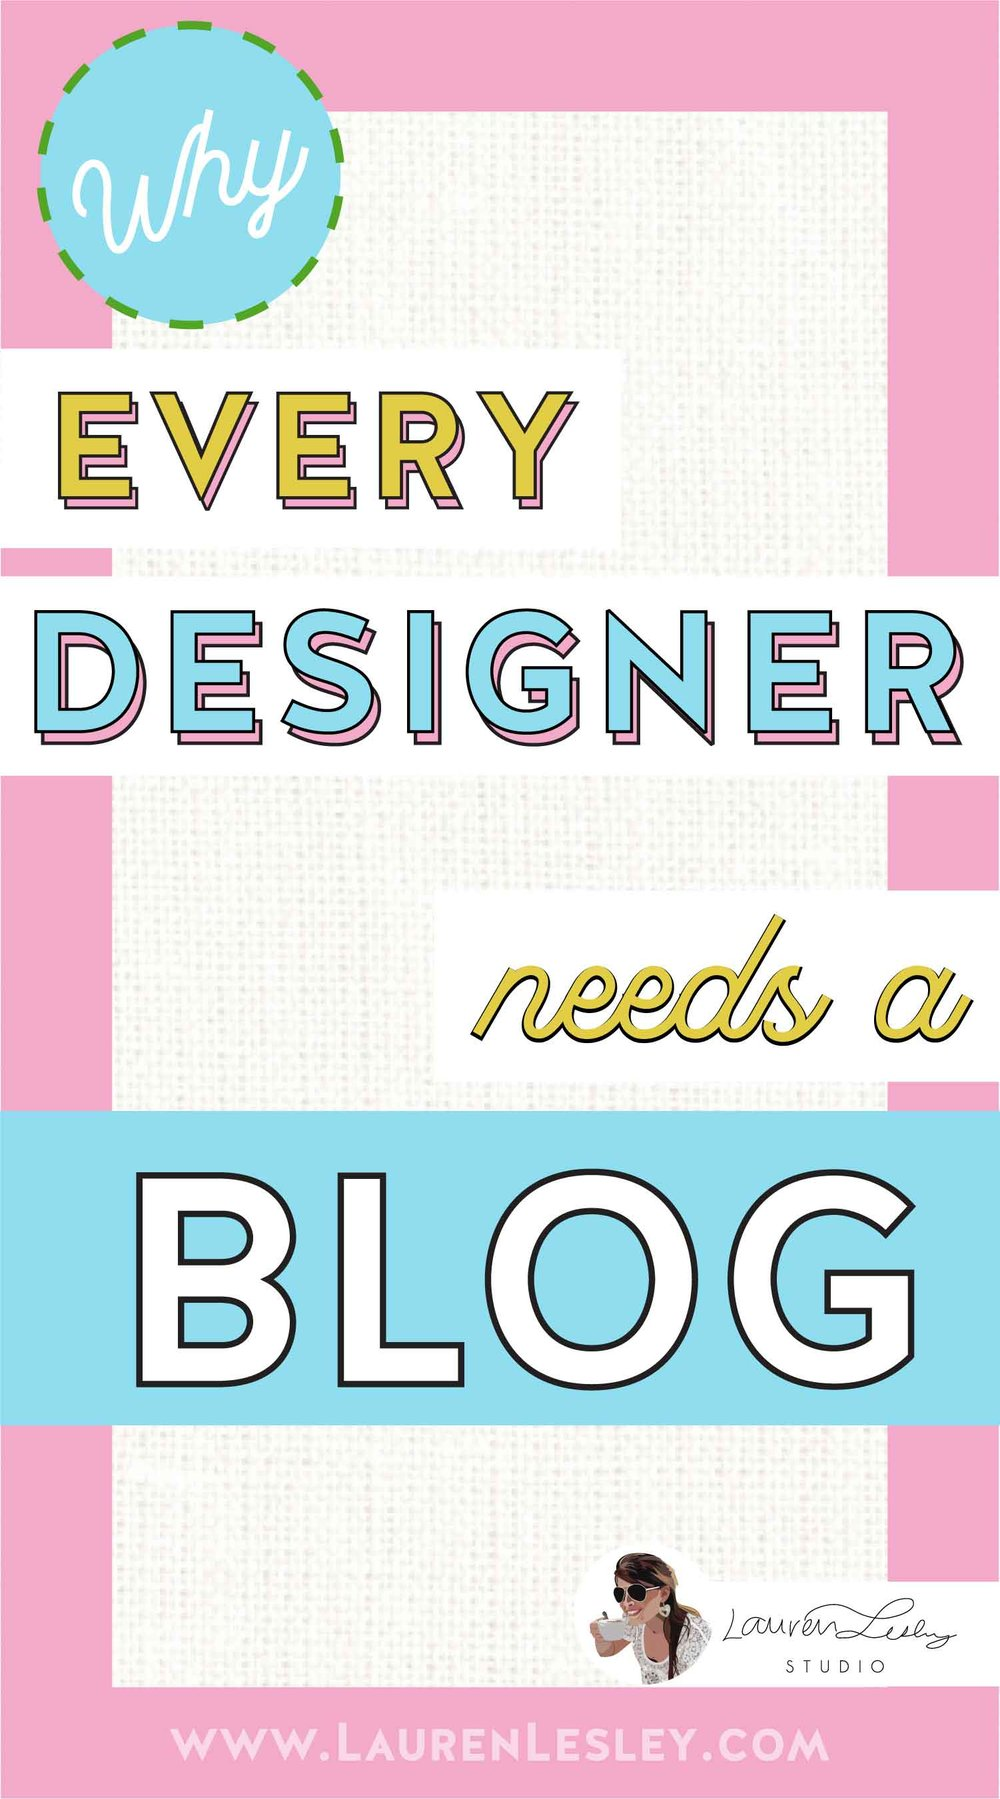 Every Designer Needs a Blog